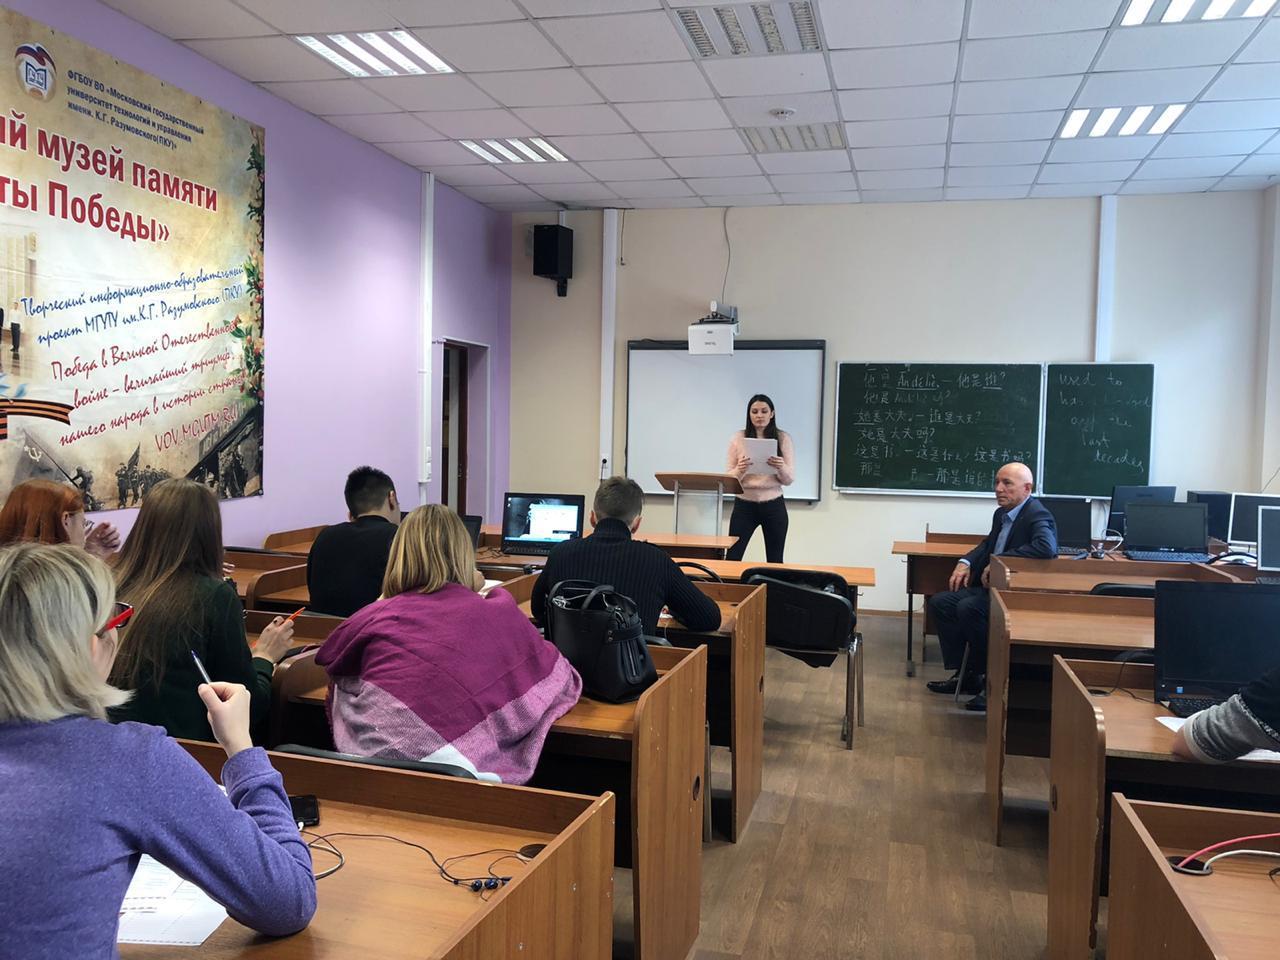 Активисты Молодежной палаты Таганского района приняли участие в «Большом этнографическом диктанте». Фото: предоставлено Молодежной палатой Таганского района